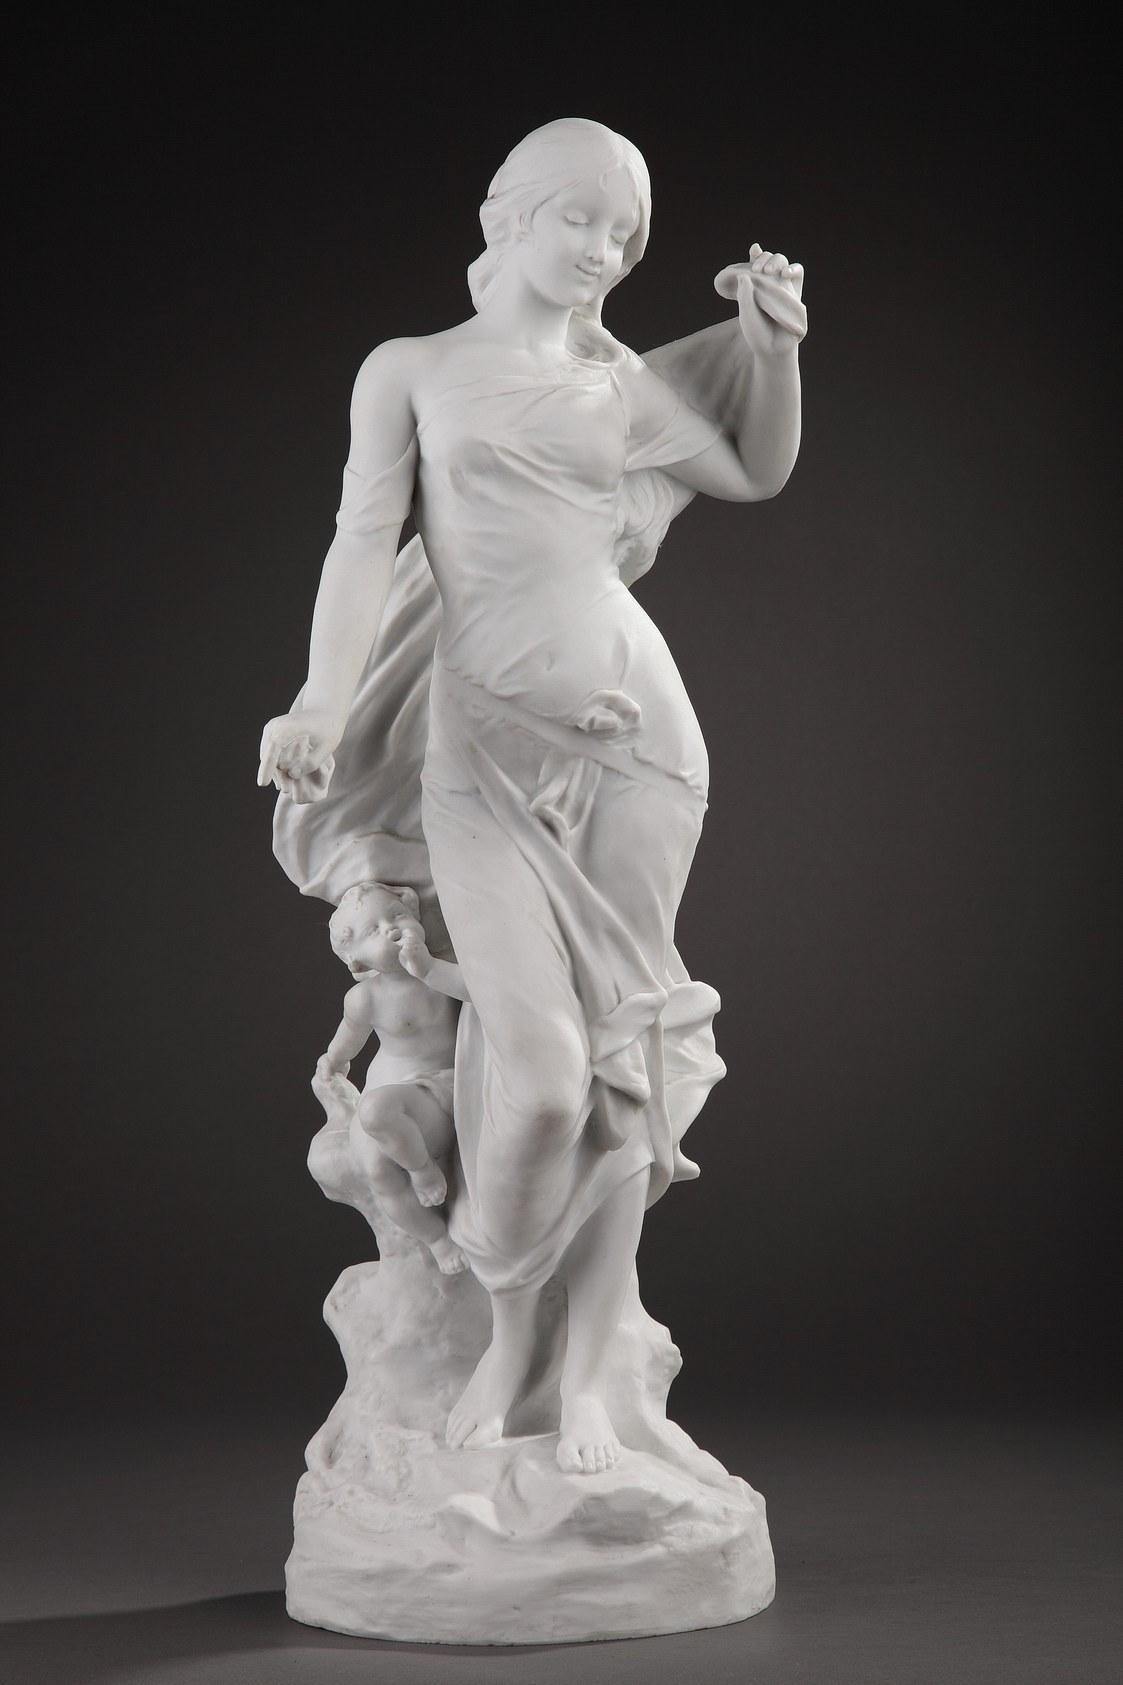 彫刻 銅像 エロス 芸術 作品 エロ画像【7】